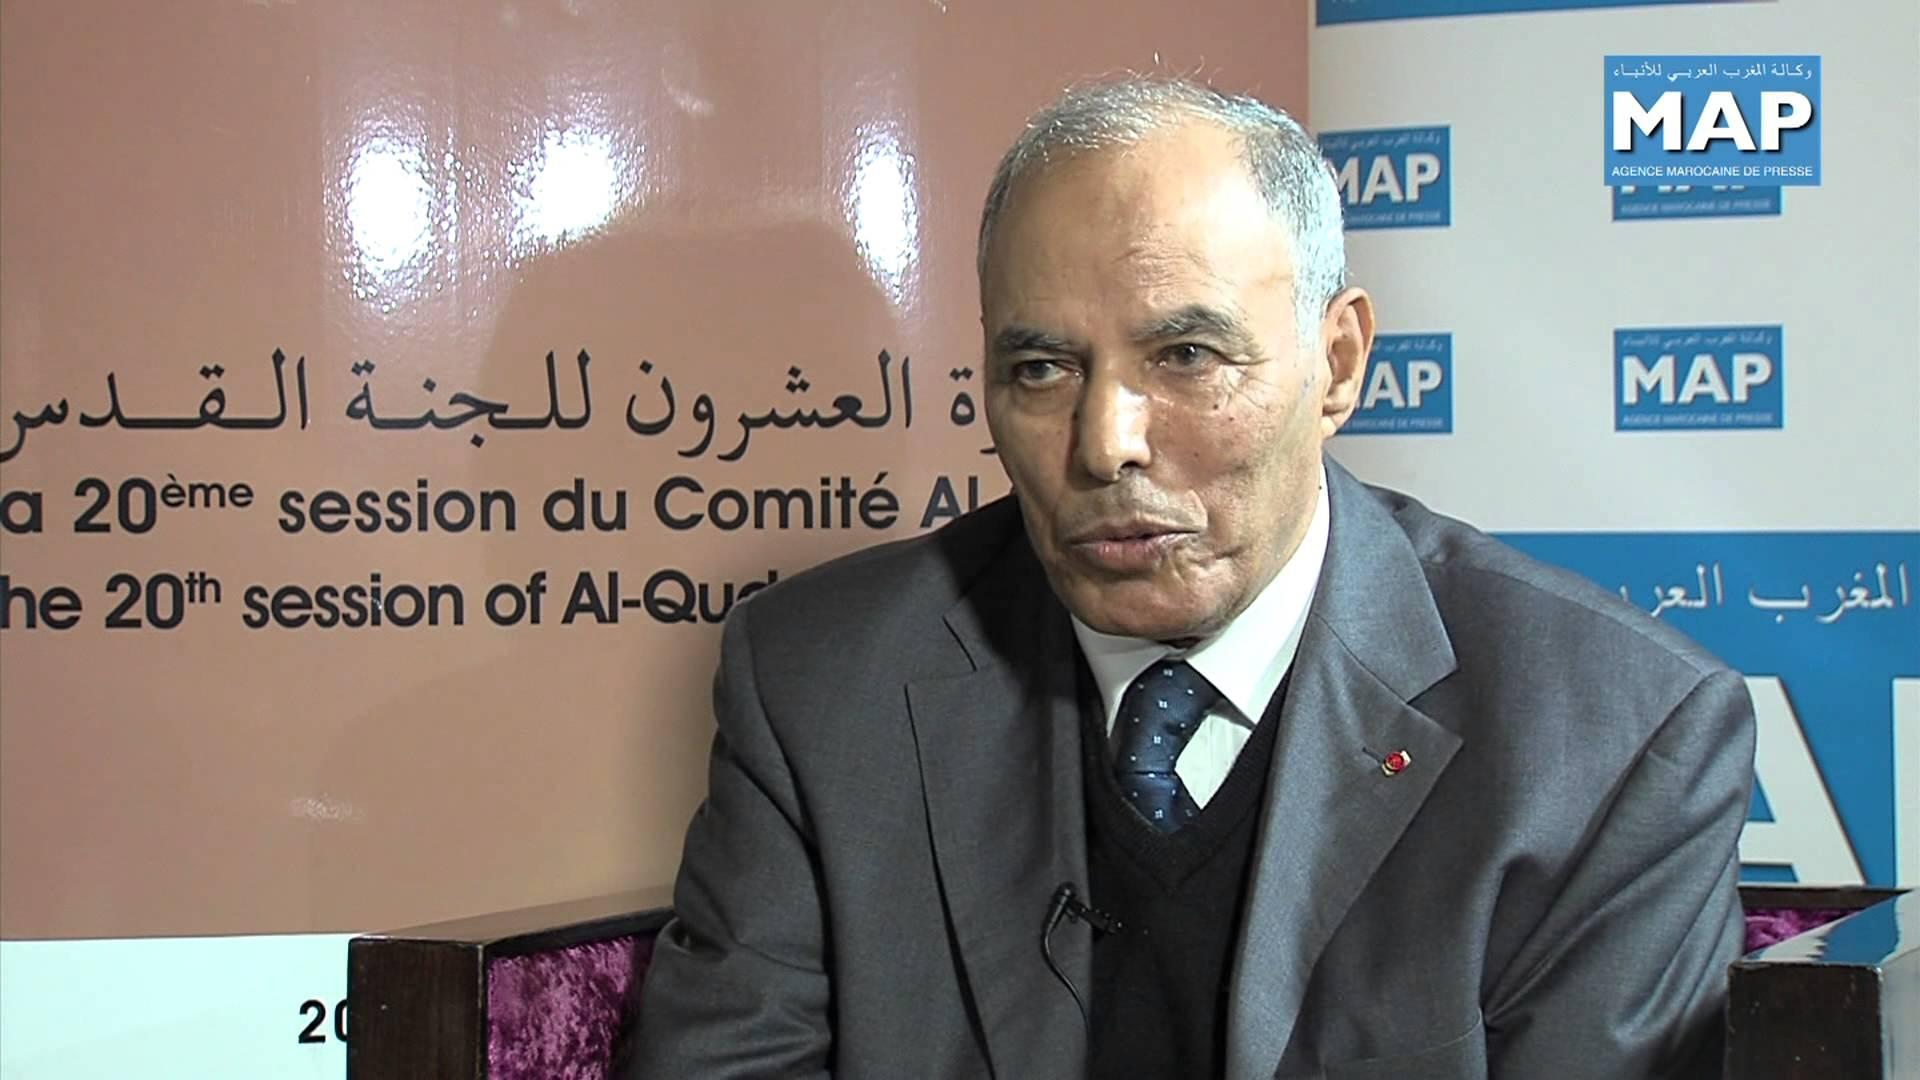 العلوي المدغري: وكالة بيت مال القدس تراهن على اجتماع مراكش لتعزيز منجزاتها